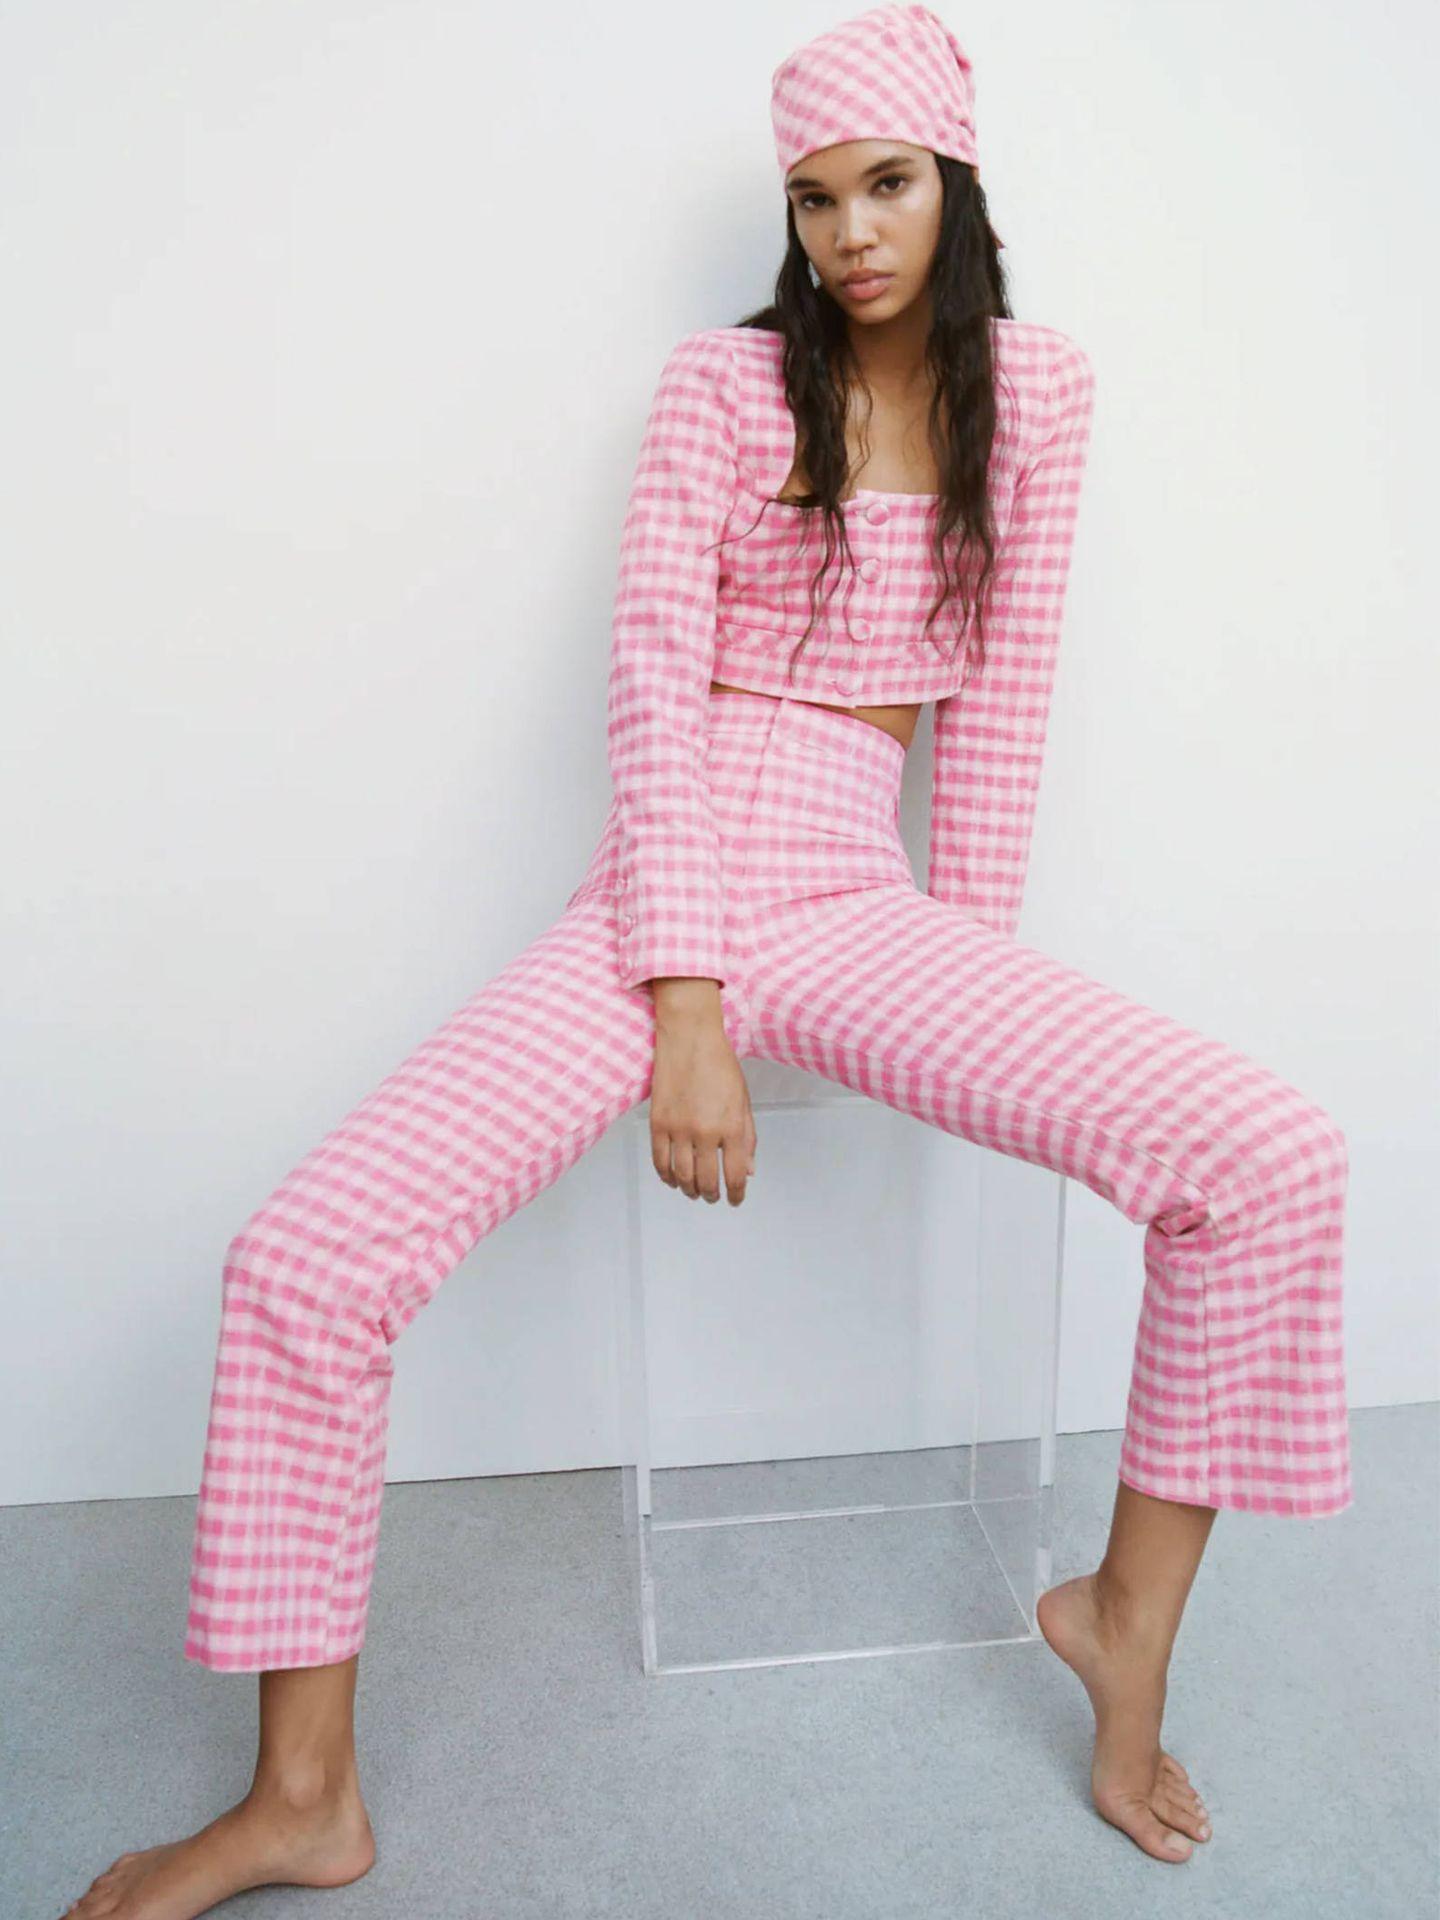 Pantalones de cuadros vichy de Zara. (Cortesía)